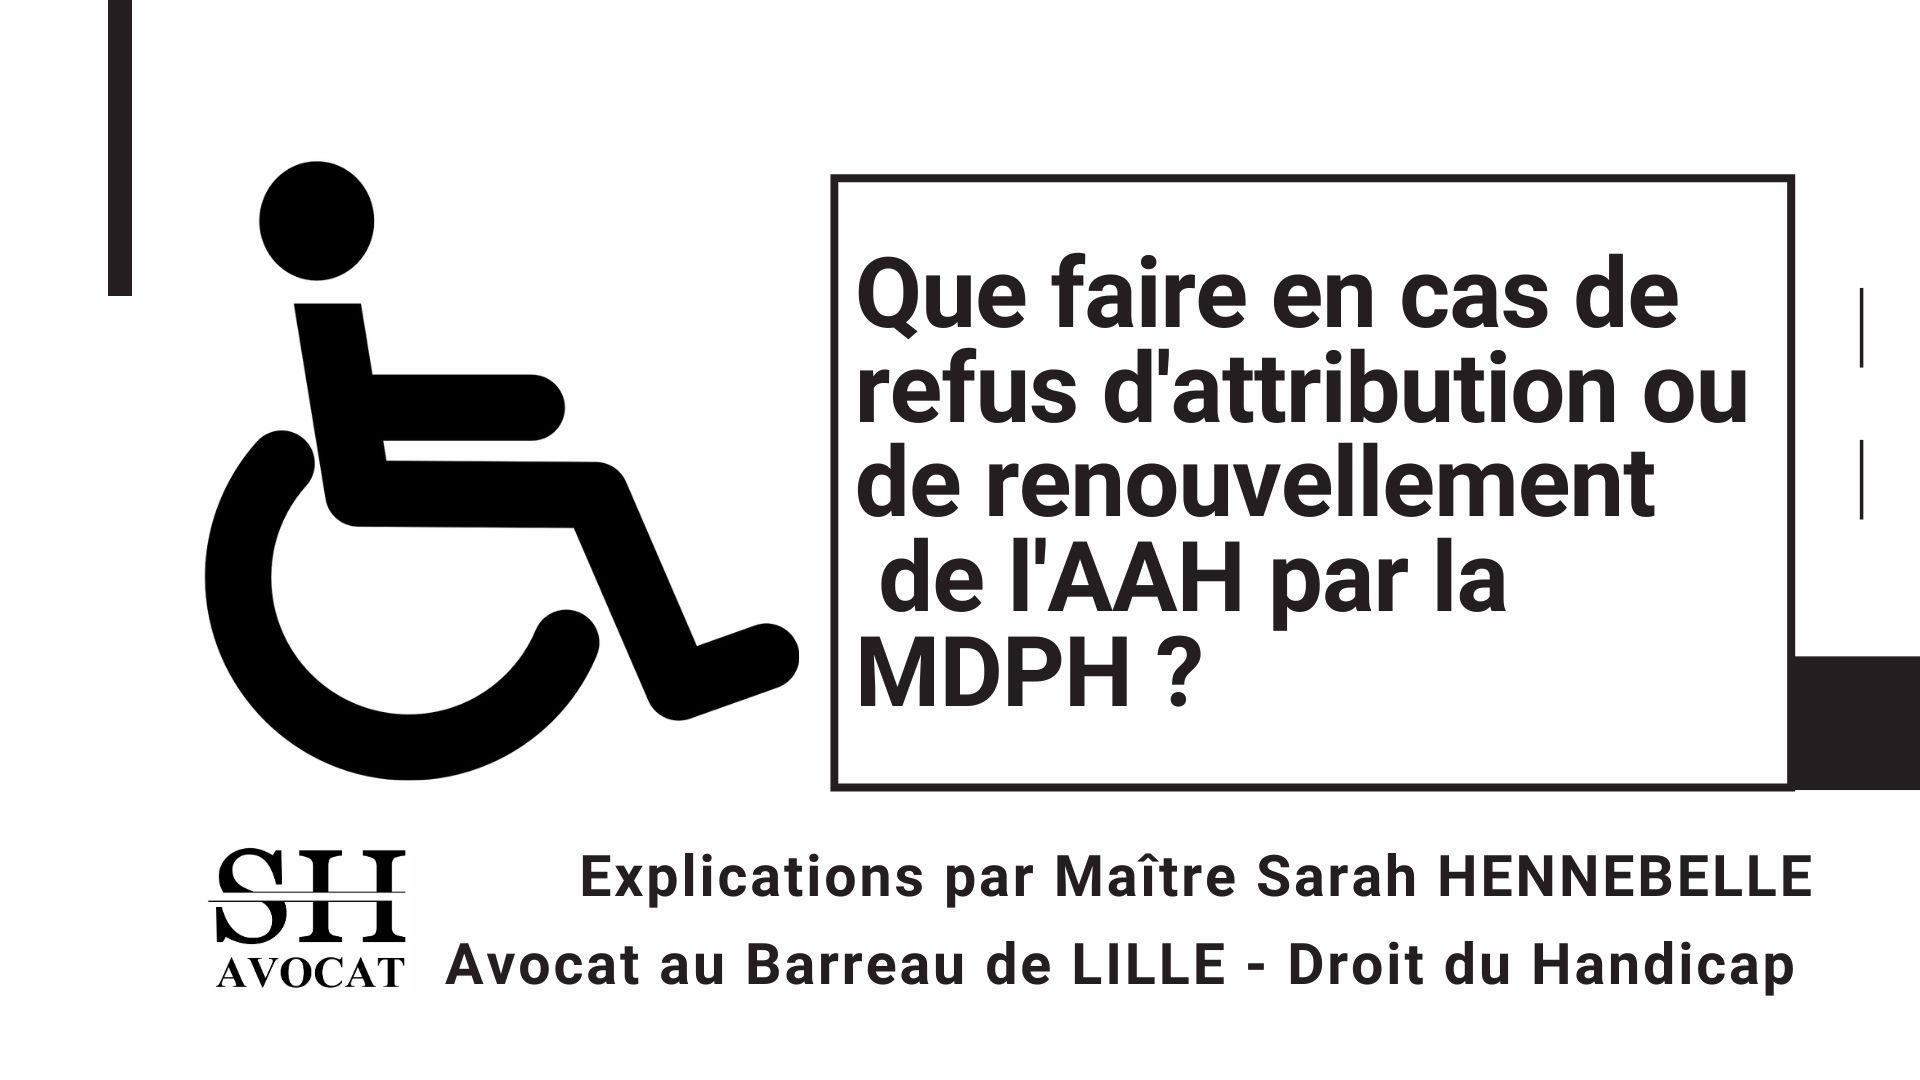 Avocat à Lille - Que faire en cas de refus de renouvellement de l'AAH par la MDPH ?